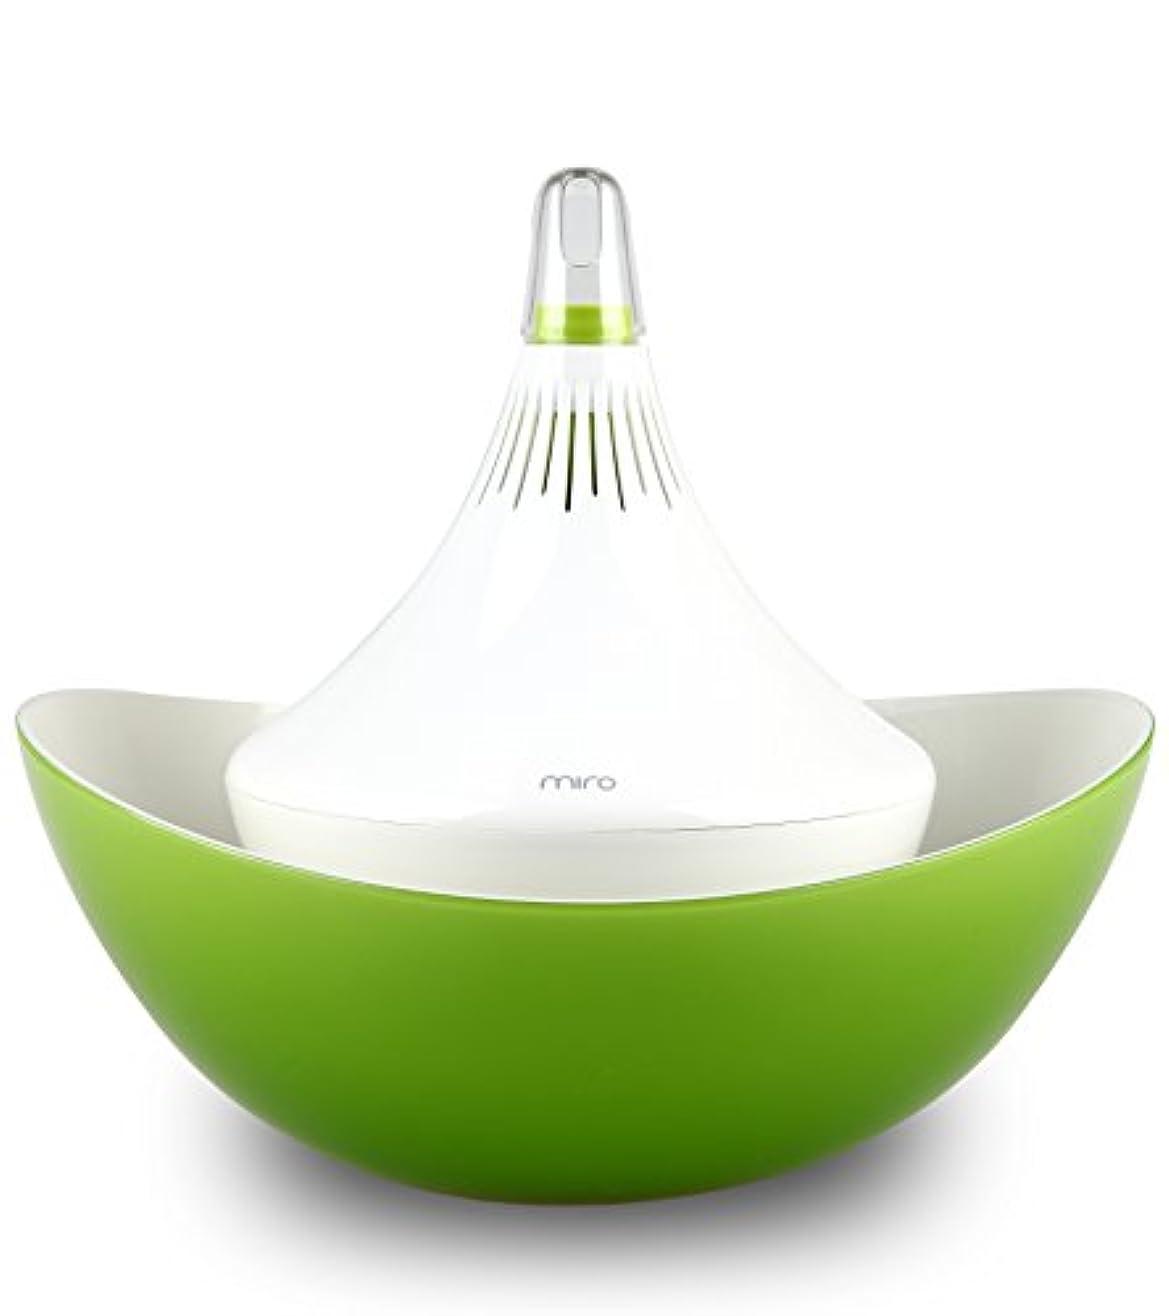 顎腹部広告Miro CleanPot Cool-Mist Humidifier and Aroma Oil Diffuser - (Bowl included) by Miro